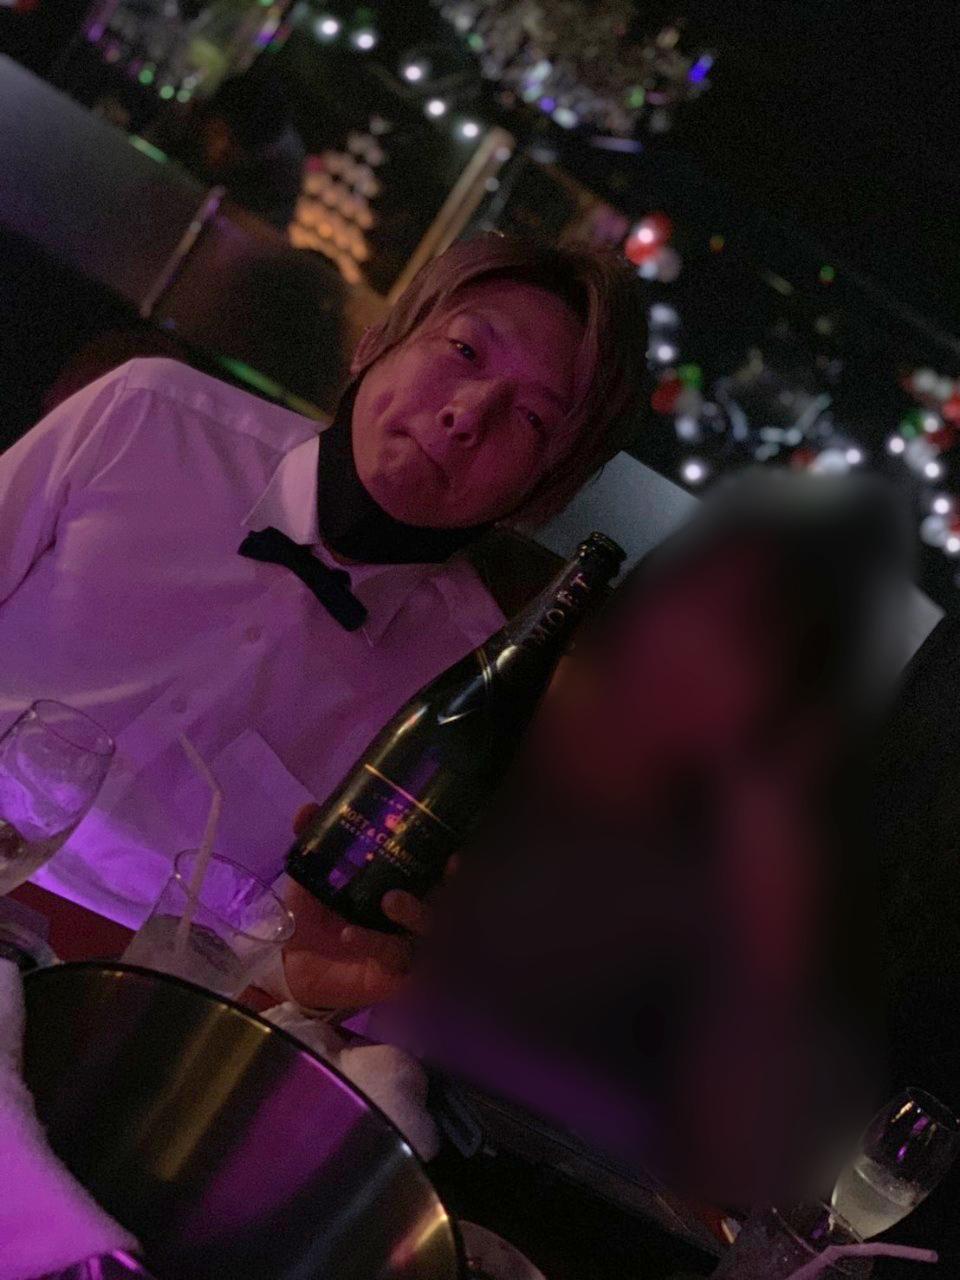 シャンパンを入れてもらう瑛斗